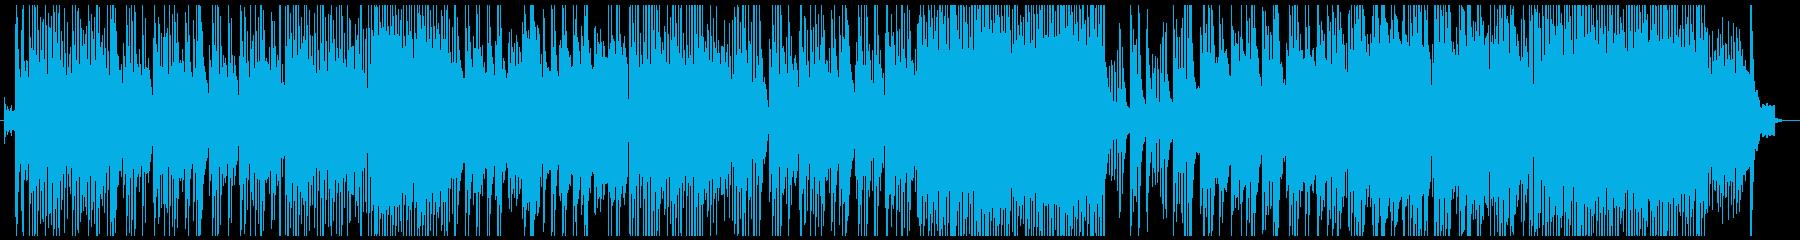 ゆったり艶やか和風曲 和を感じる別verの再生済みの波形